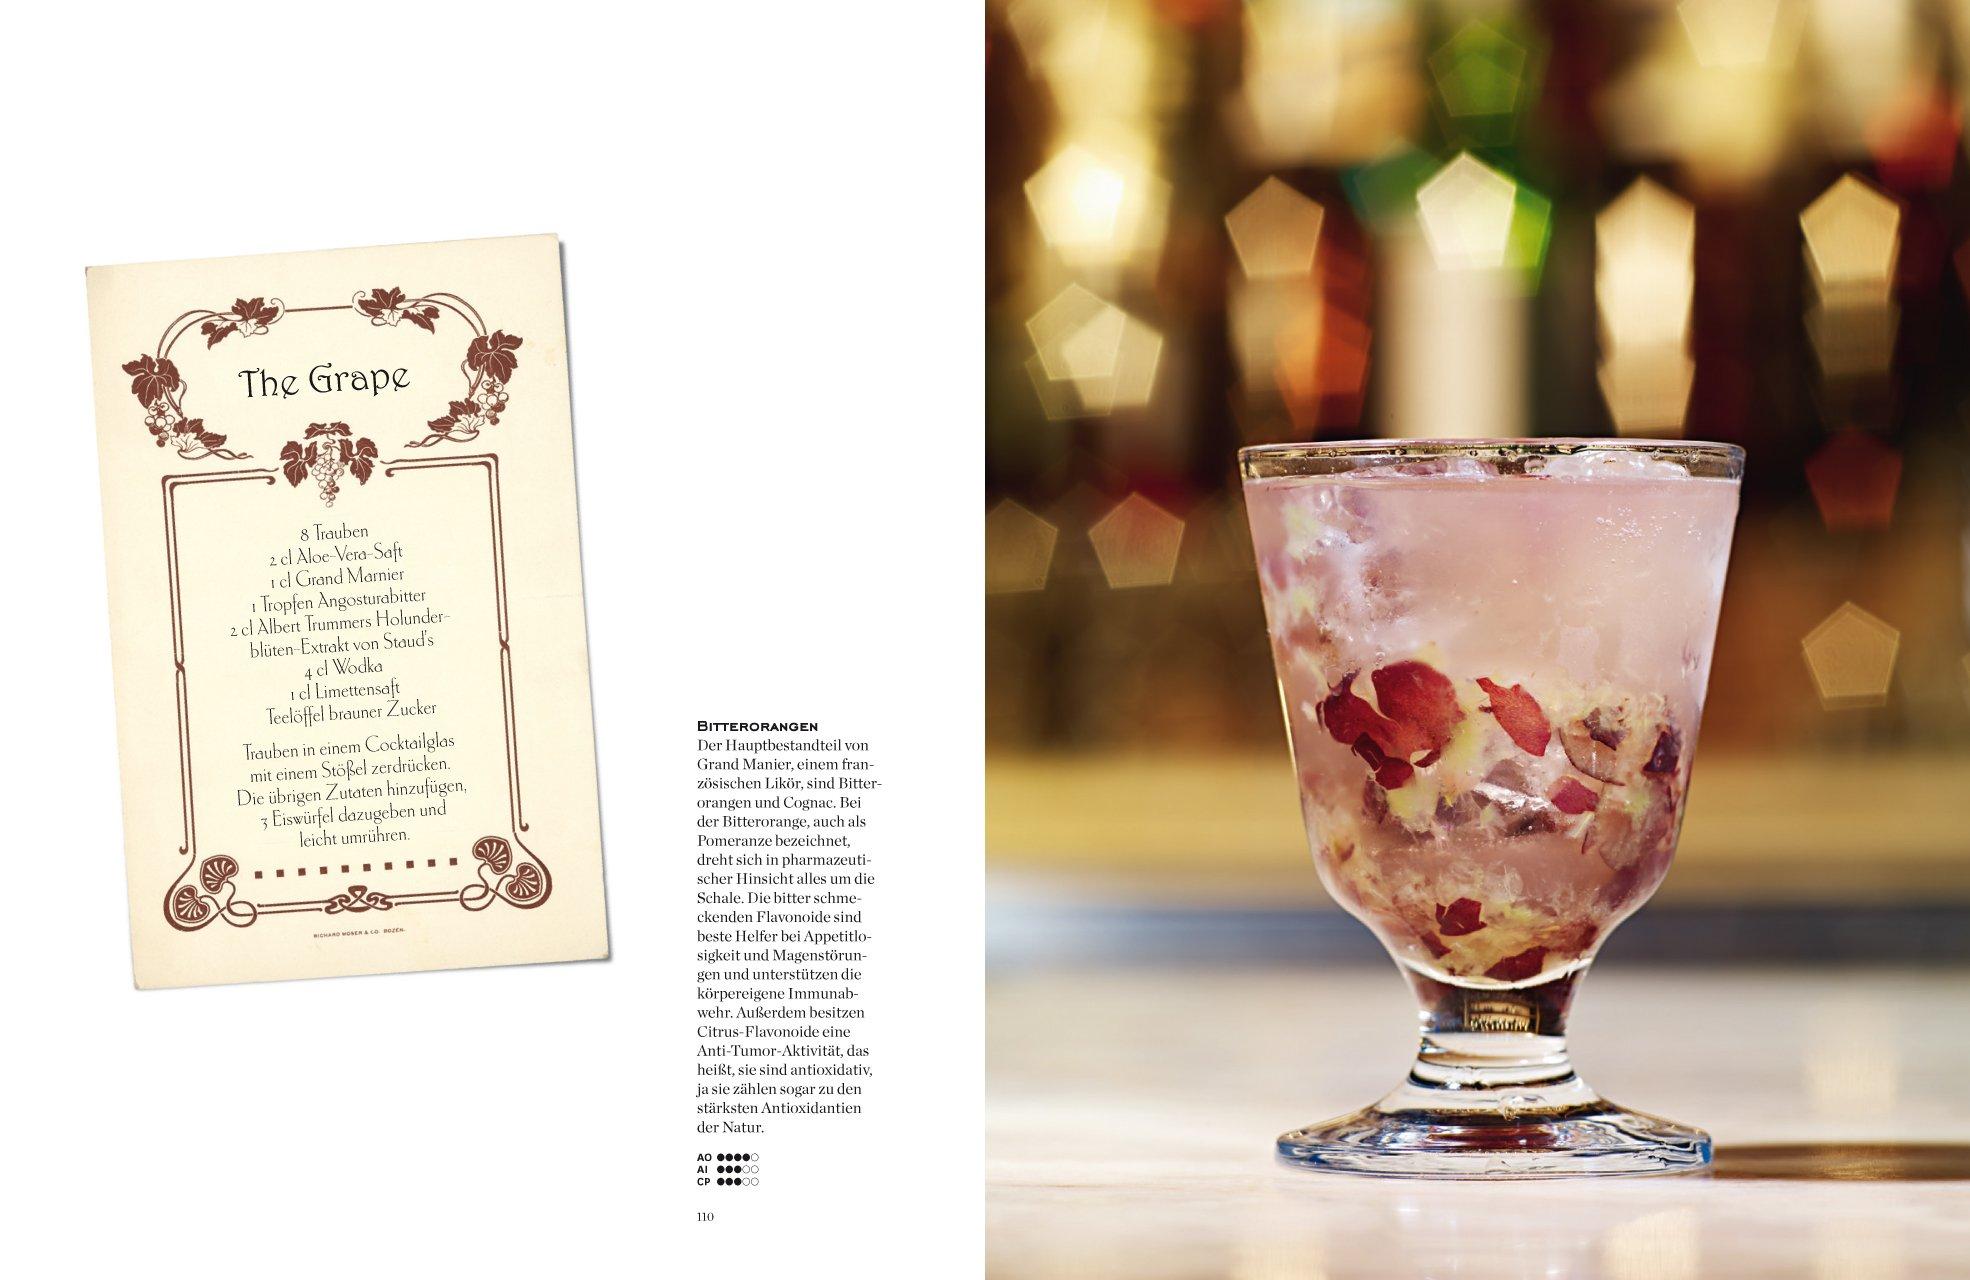 Gemütlich Beste Barkeeper Fortsetzen Bilder - Entry Level Resume ...